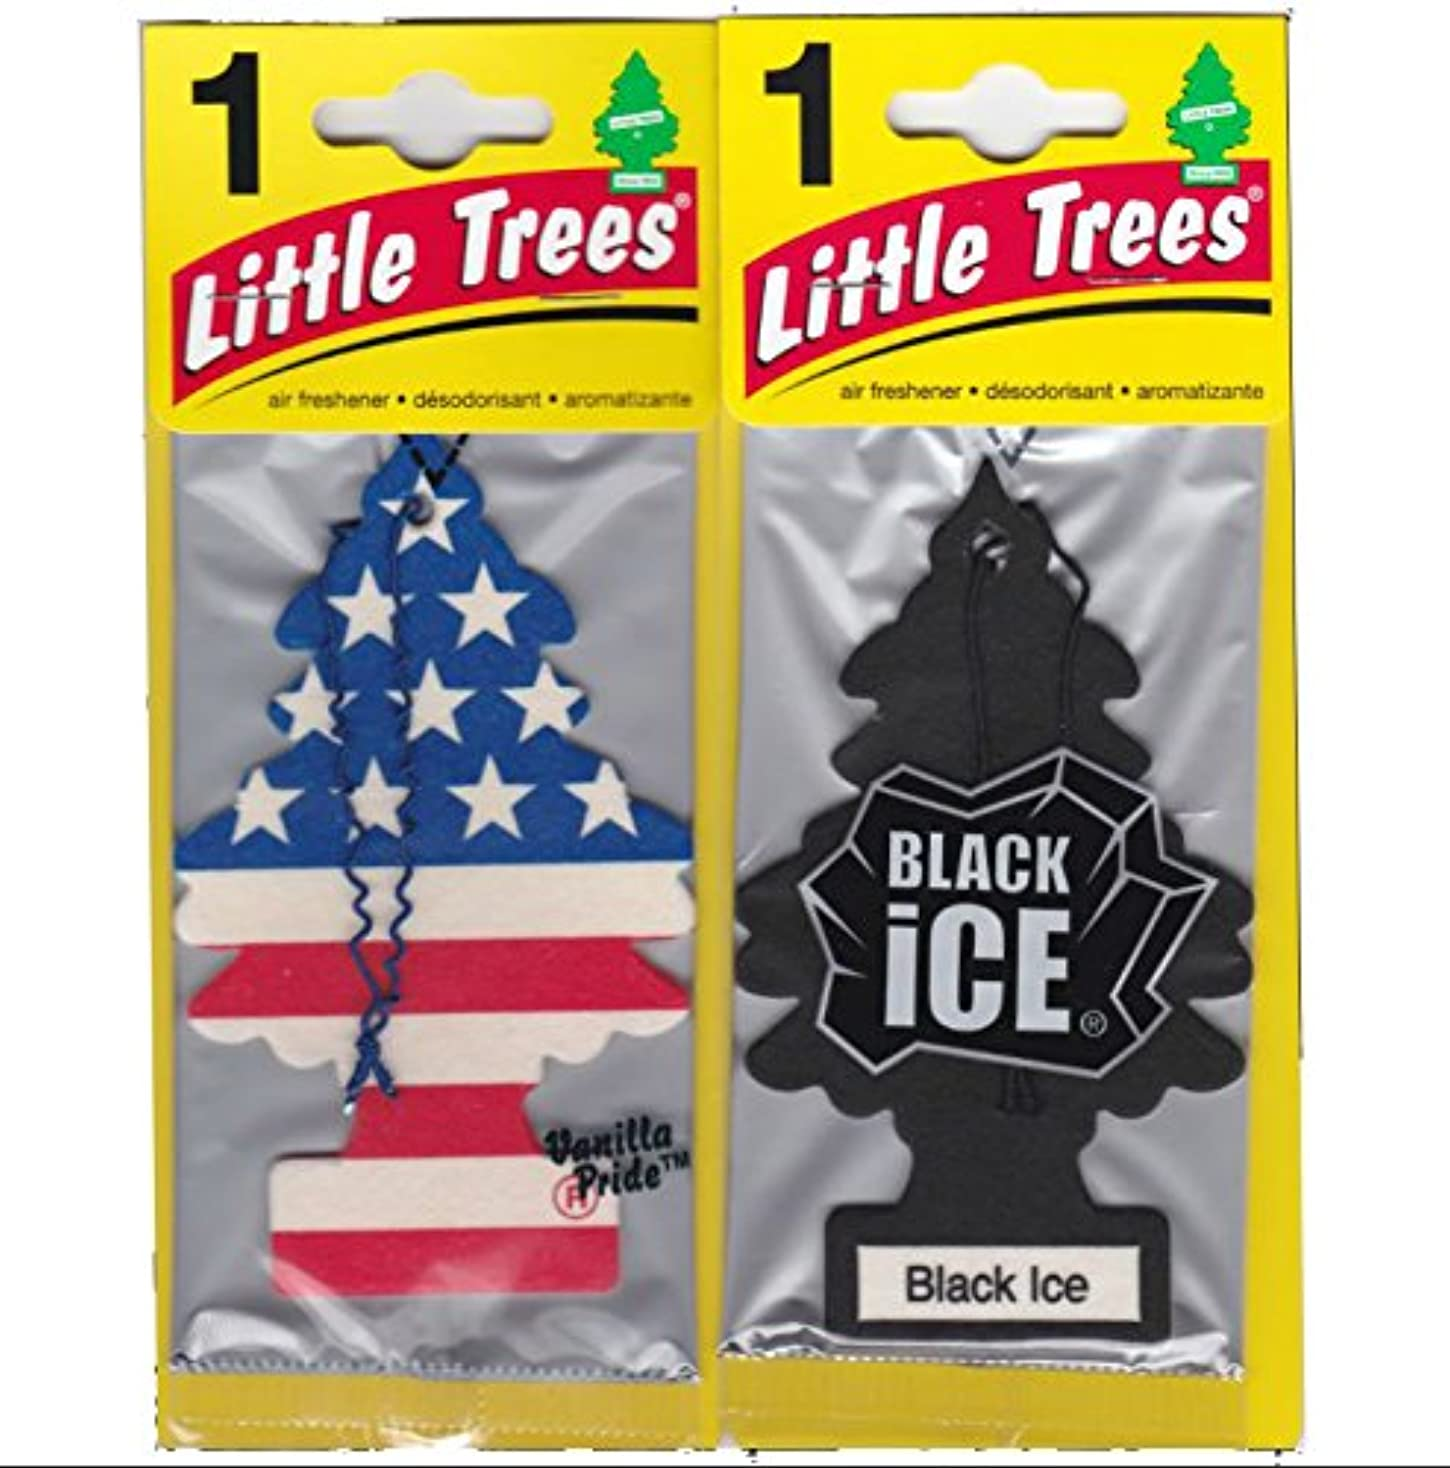 もっともらしい戦争理由Little Trees 吊下げ式 芳香剤 エアーフレッシュナー ブラックアイス & バニラプライド [並行輸入品]